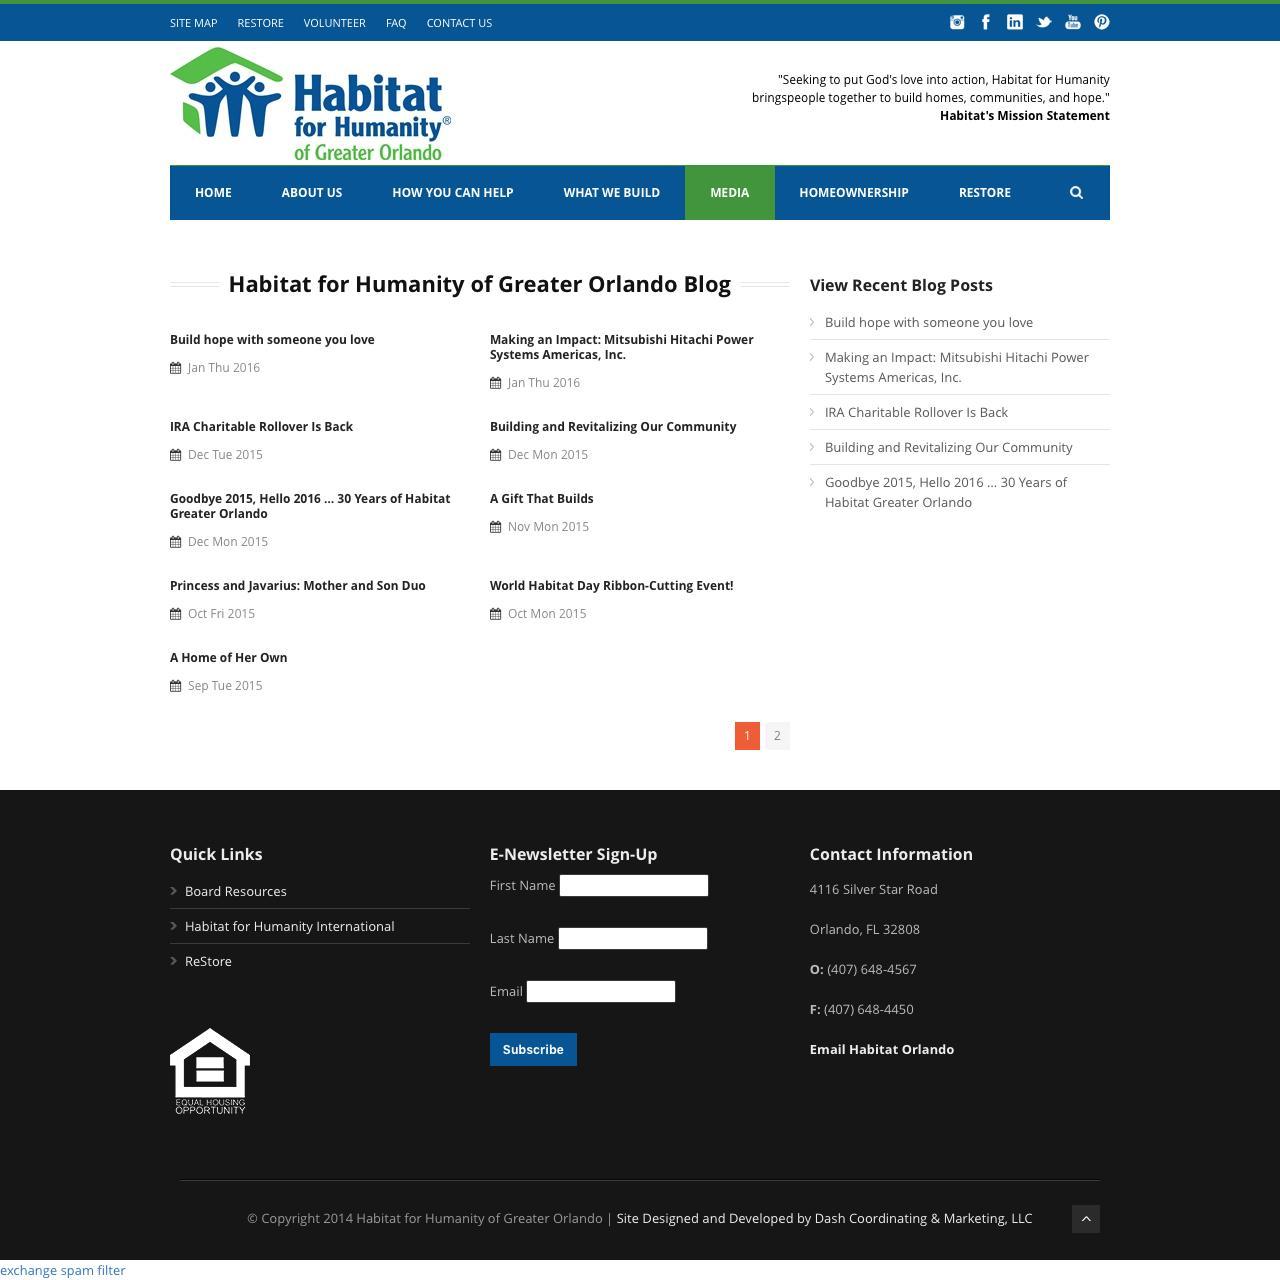 Screenshot of habitat-orlando.org - Habitat for Humanity of Greater Orlando   » Habitat for Humanity of Greater Orlando Blog - captured Jan. 24, 2016